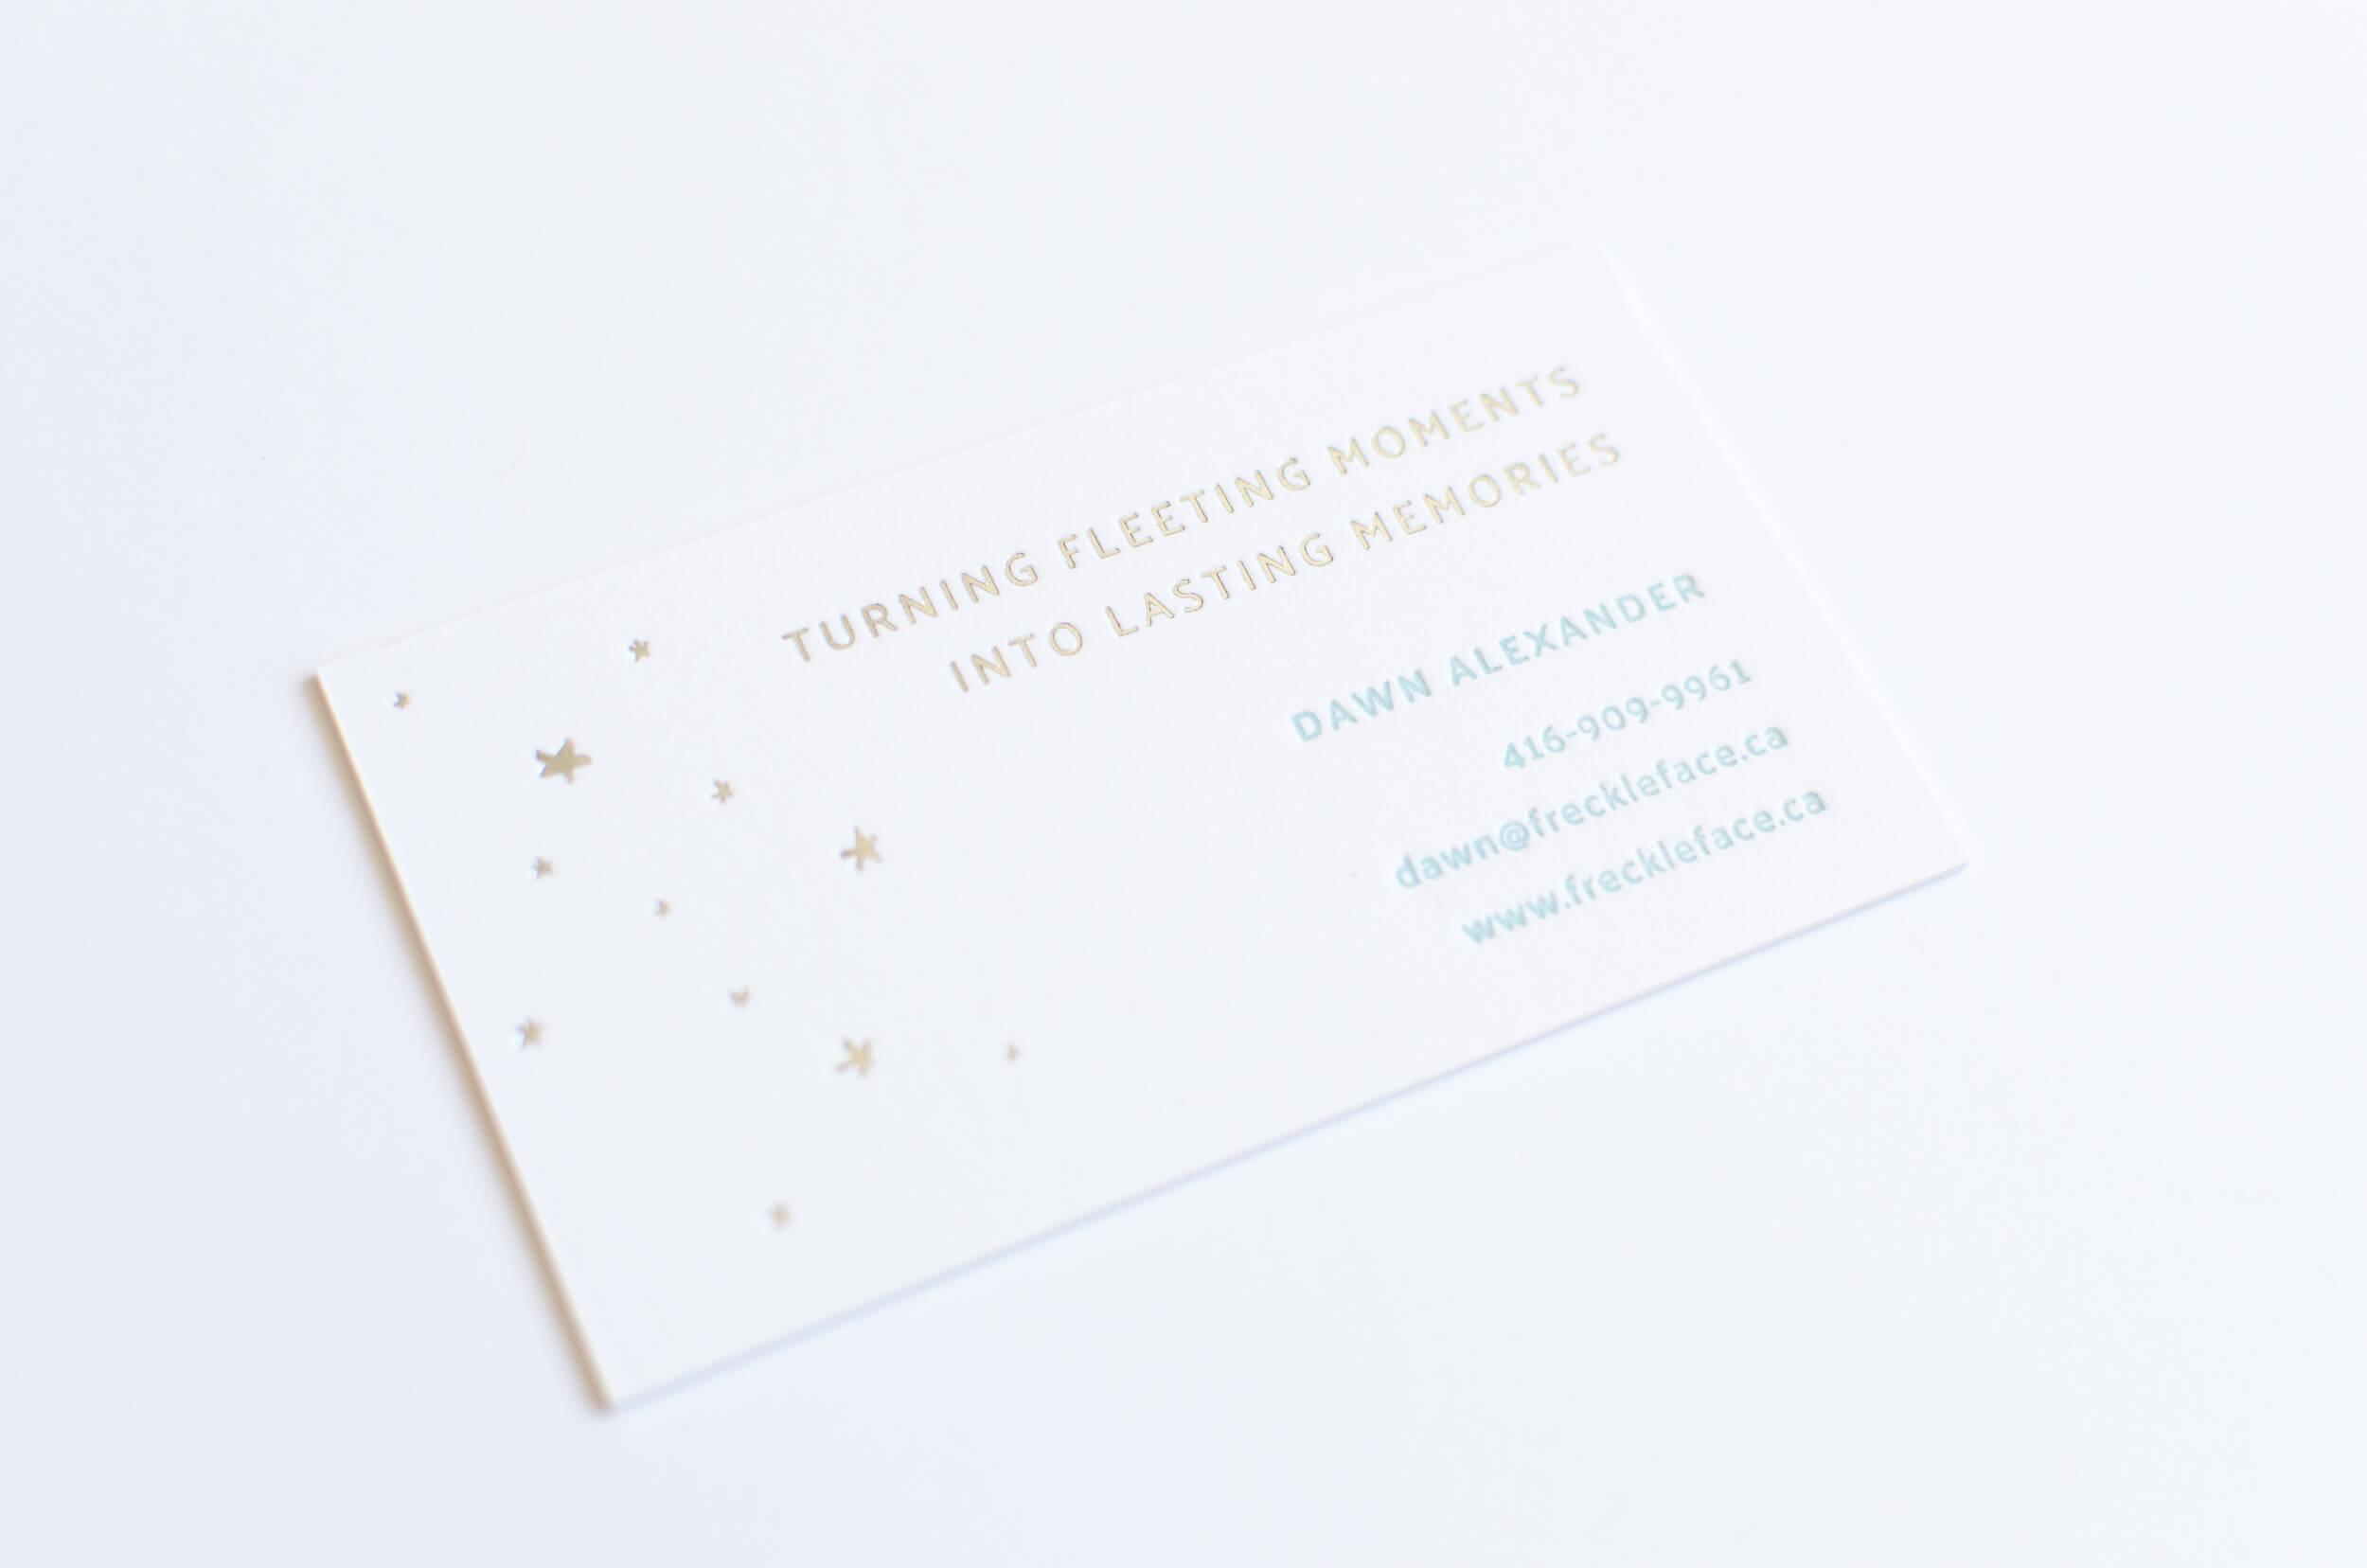 freckleface-businesscards-letterpress-foil-4.jpg